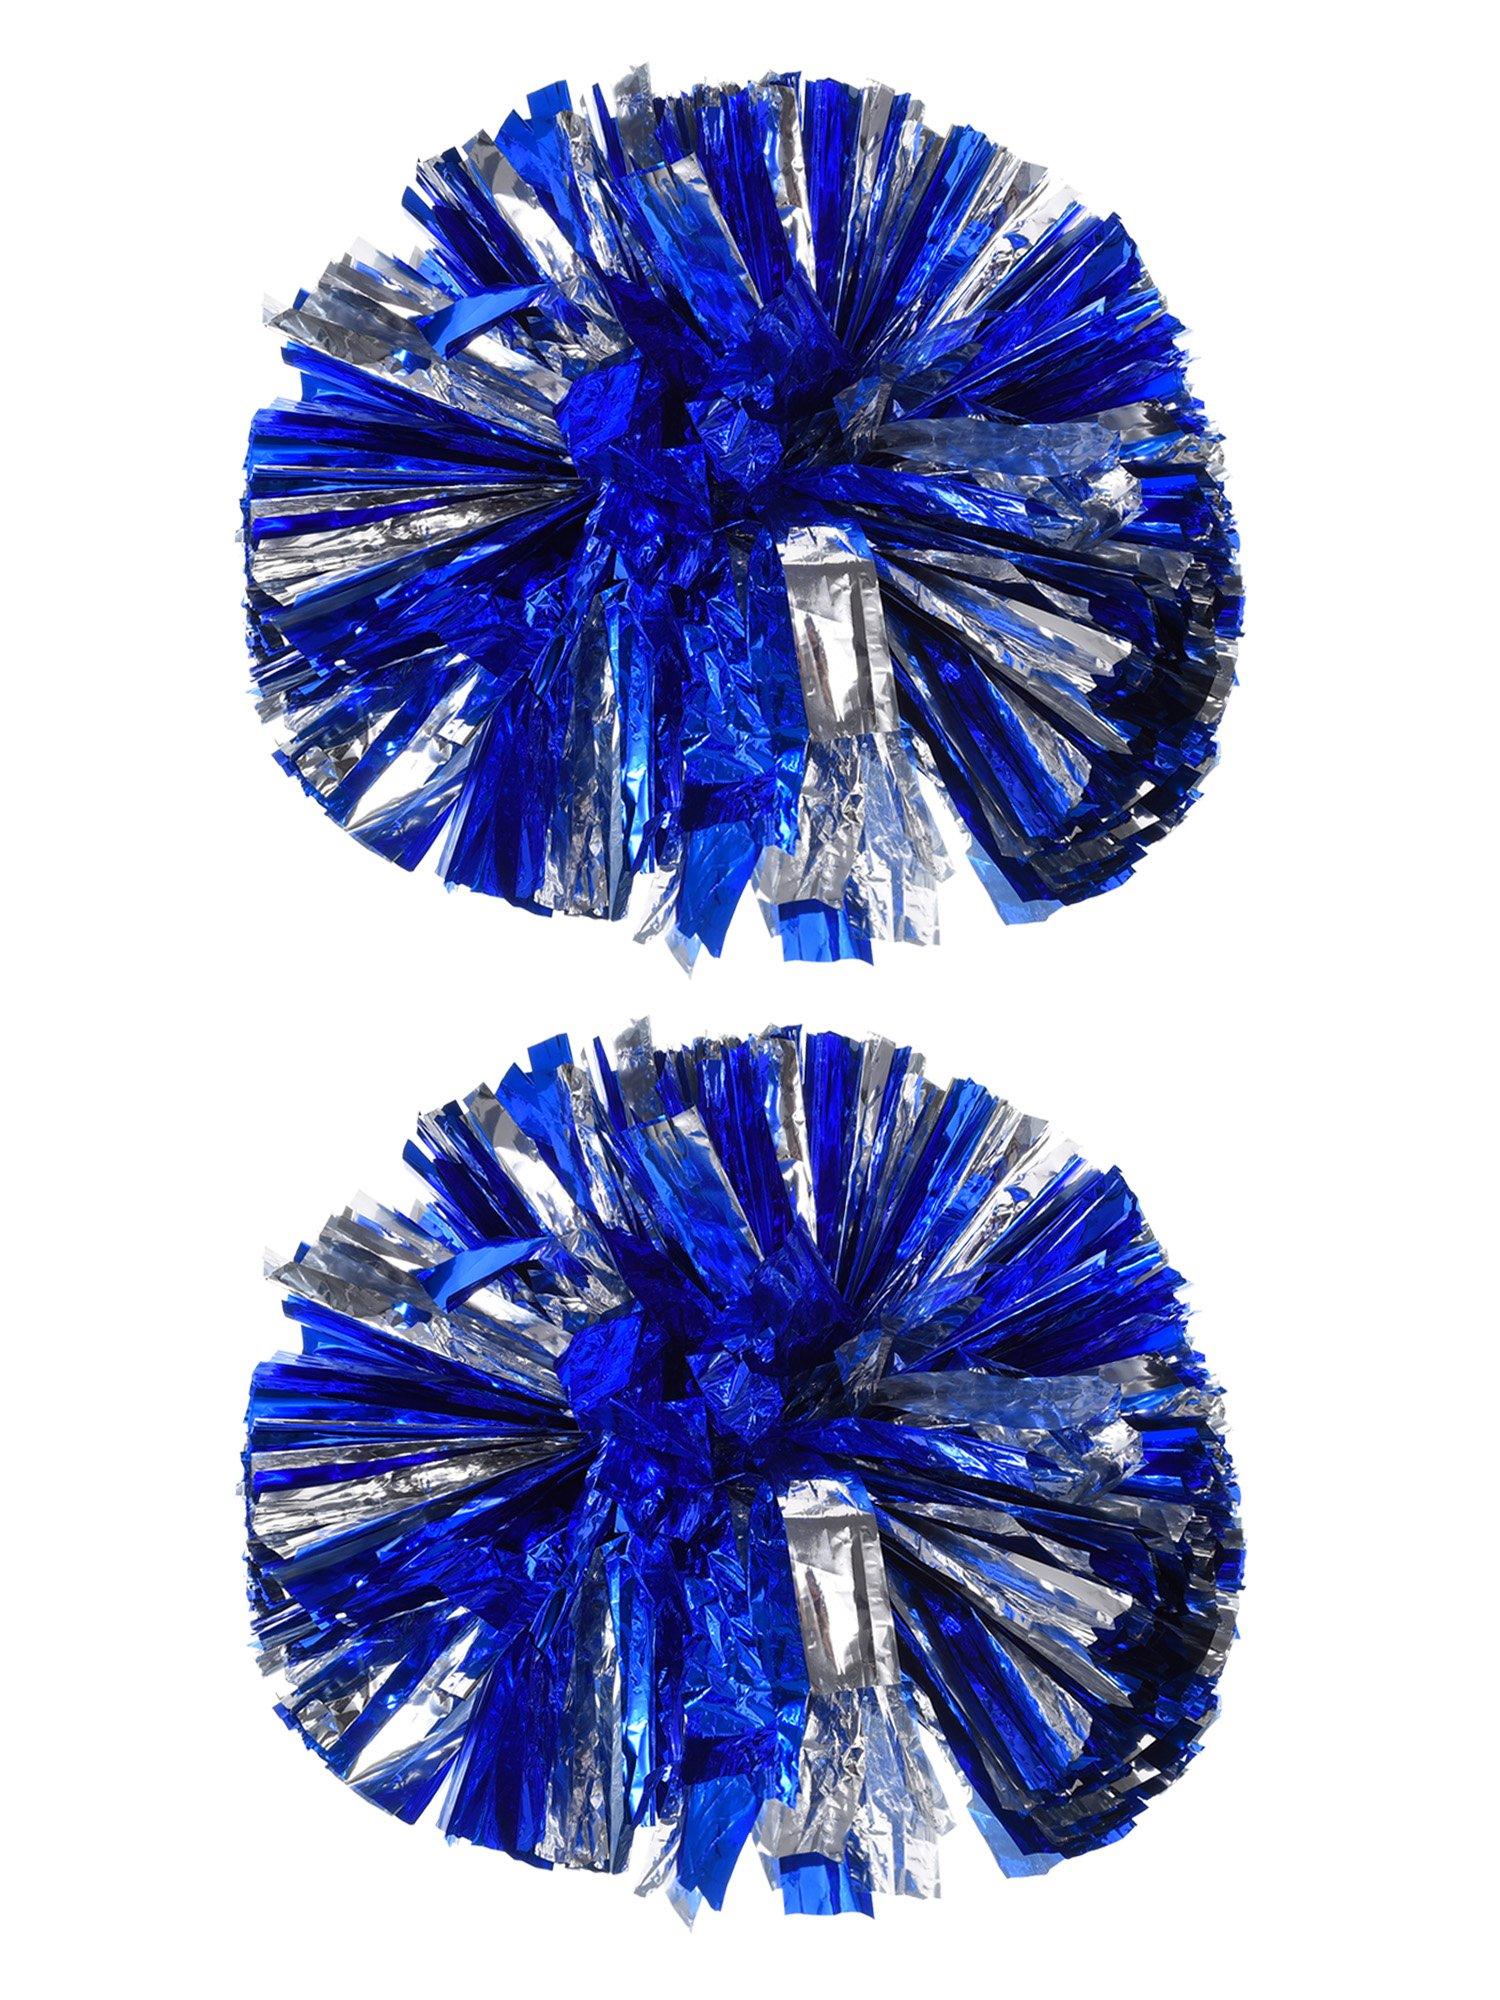 Bememo 2 Pack Cheerleading Pompoms Metallic Flower Ball Foil Plastic Rings Pom Poms for Cheer, Dance Team